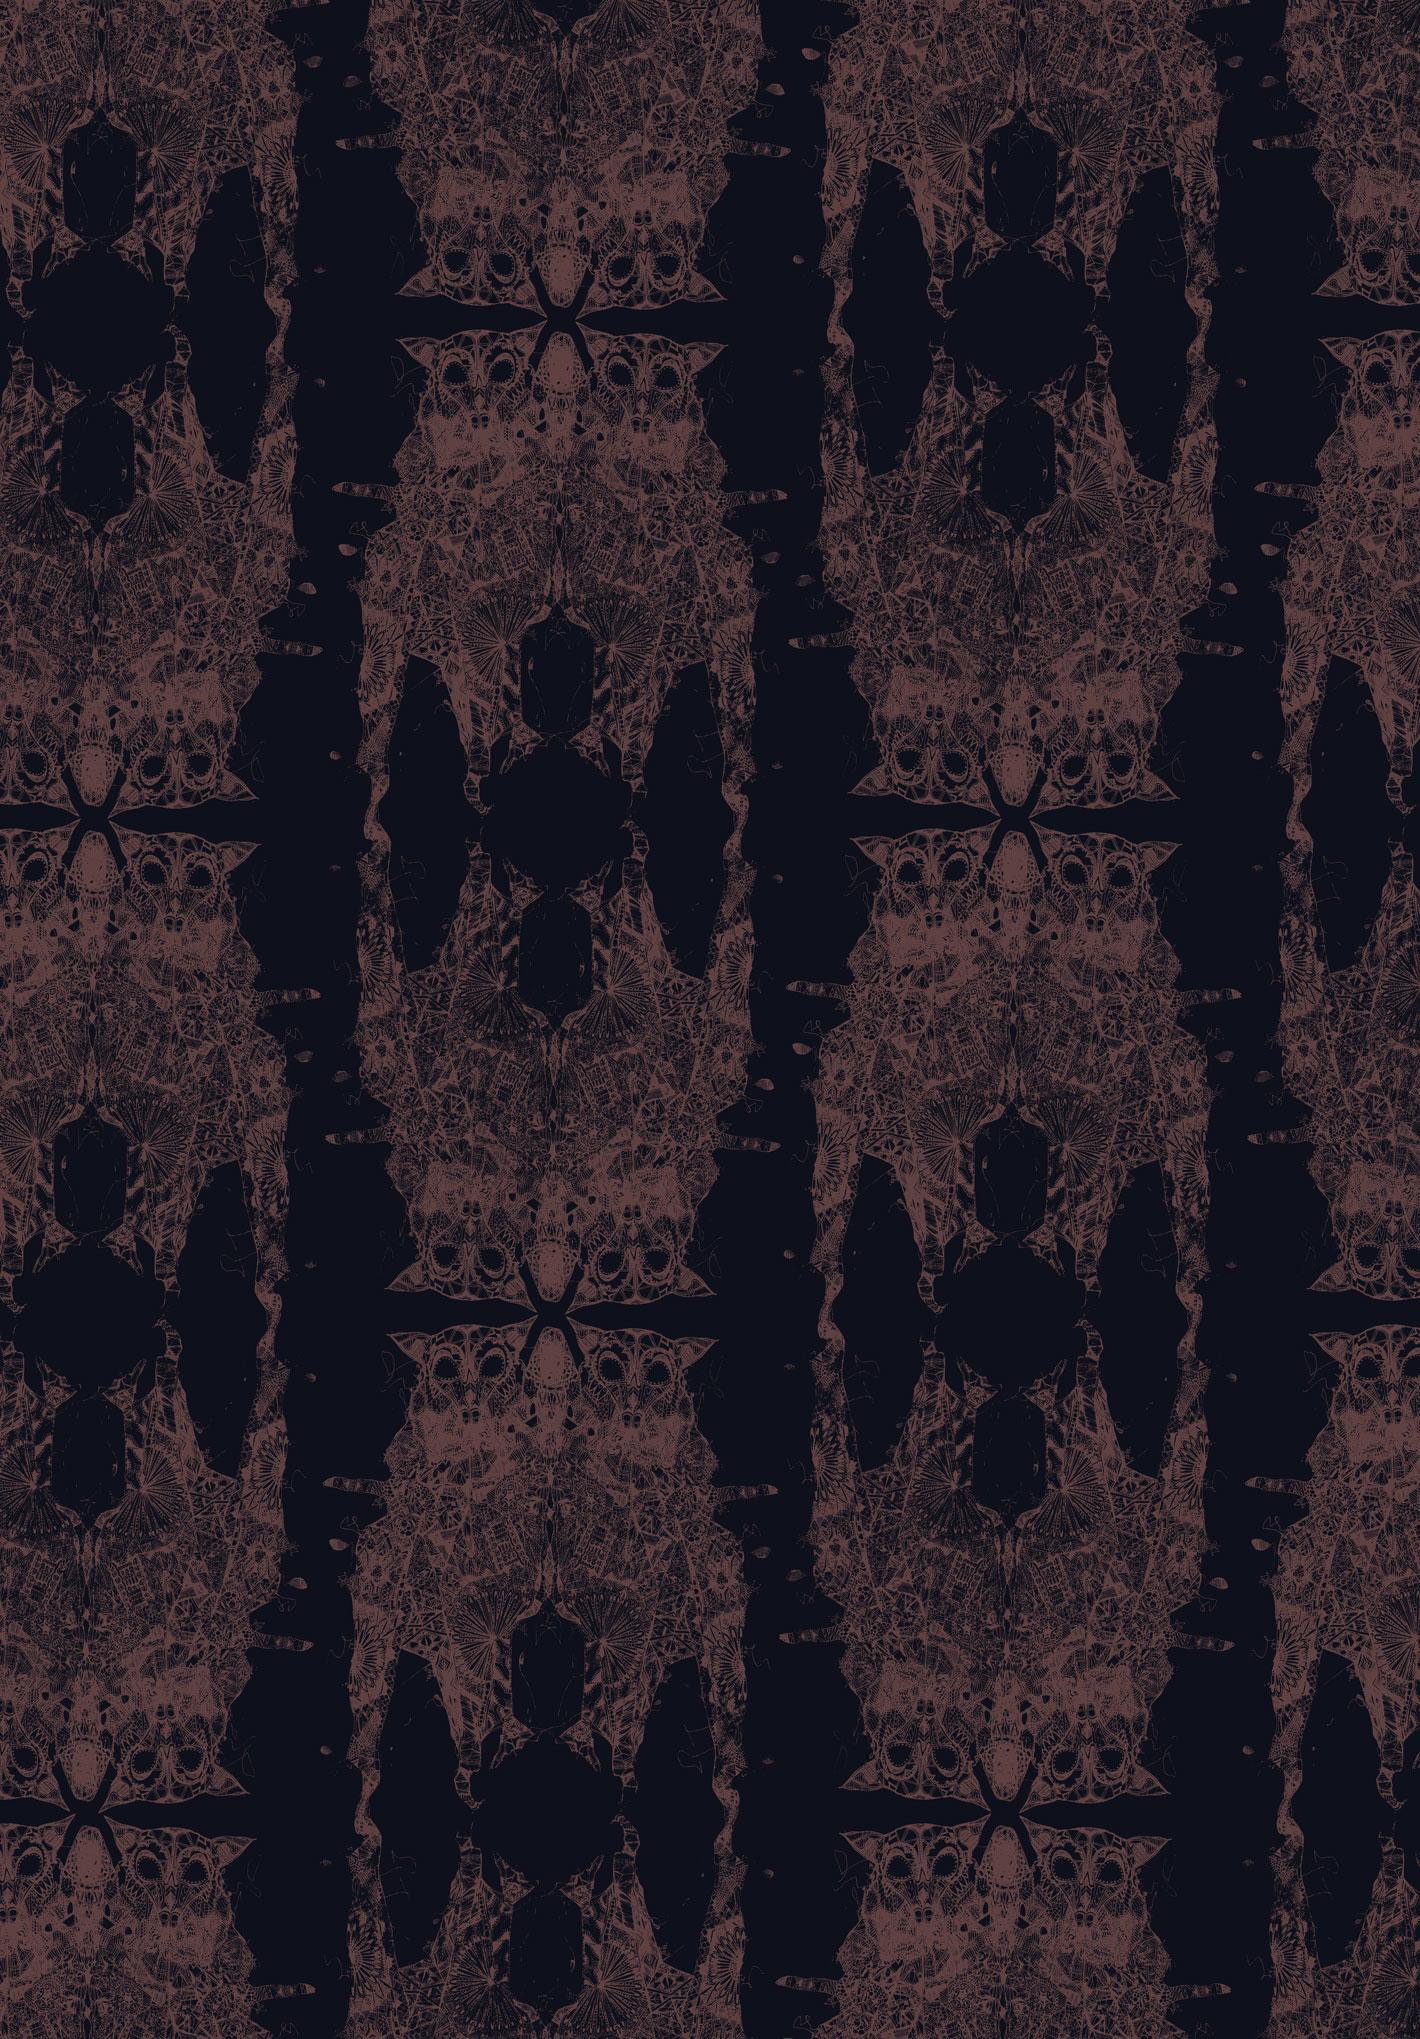 fruitbats_wallpaper_rosenavy.jpg